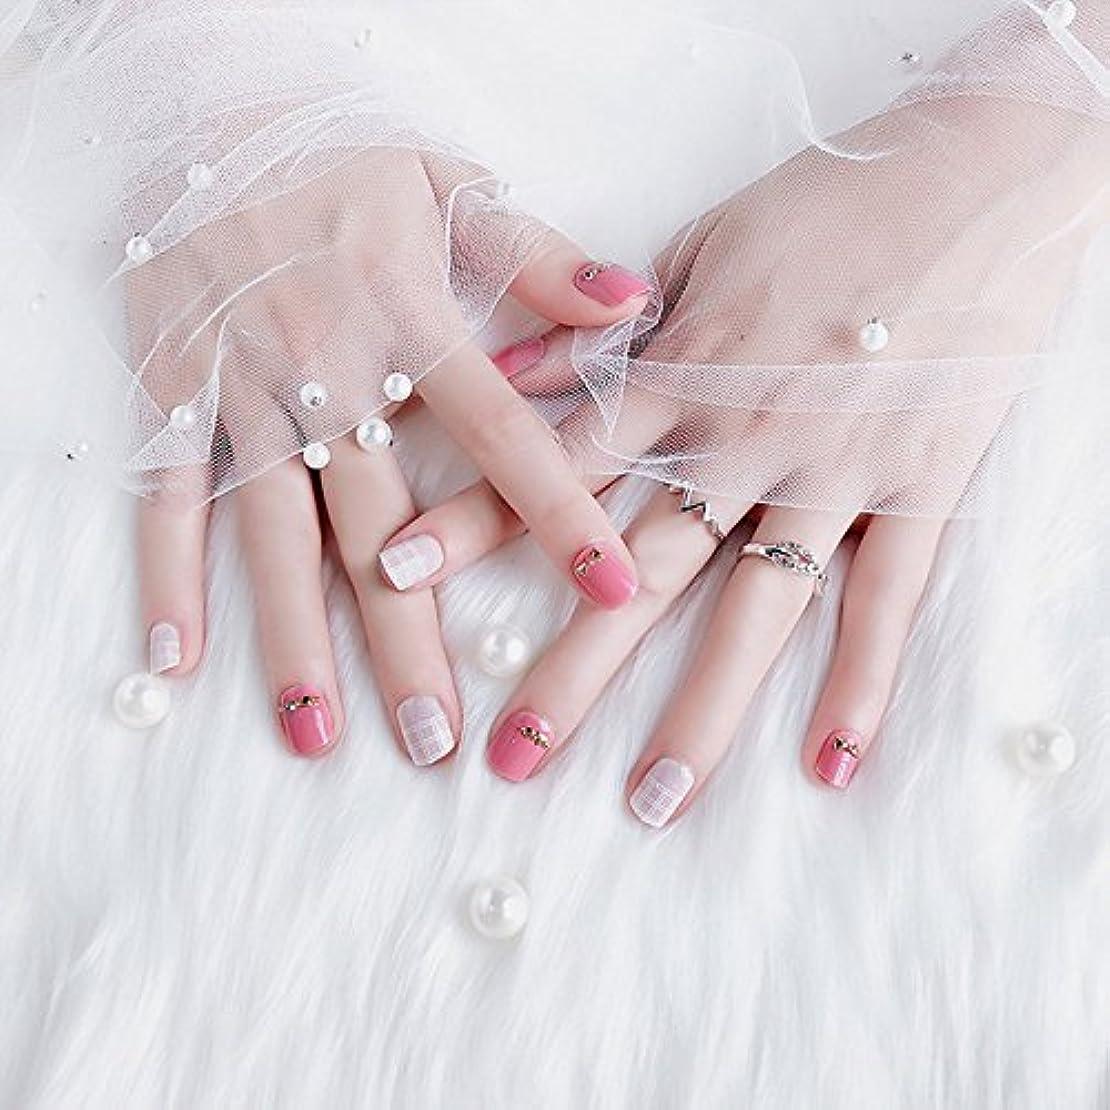 サイドボード不従順頼るおしゃれなネイルチップ 短いさネイルチップ 複数のスタイル 24枚入 結婚式、パーティー、二次会などに ネイルアート 手作りネイルチップ 両面接着テープ付き (ピンク)